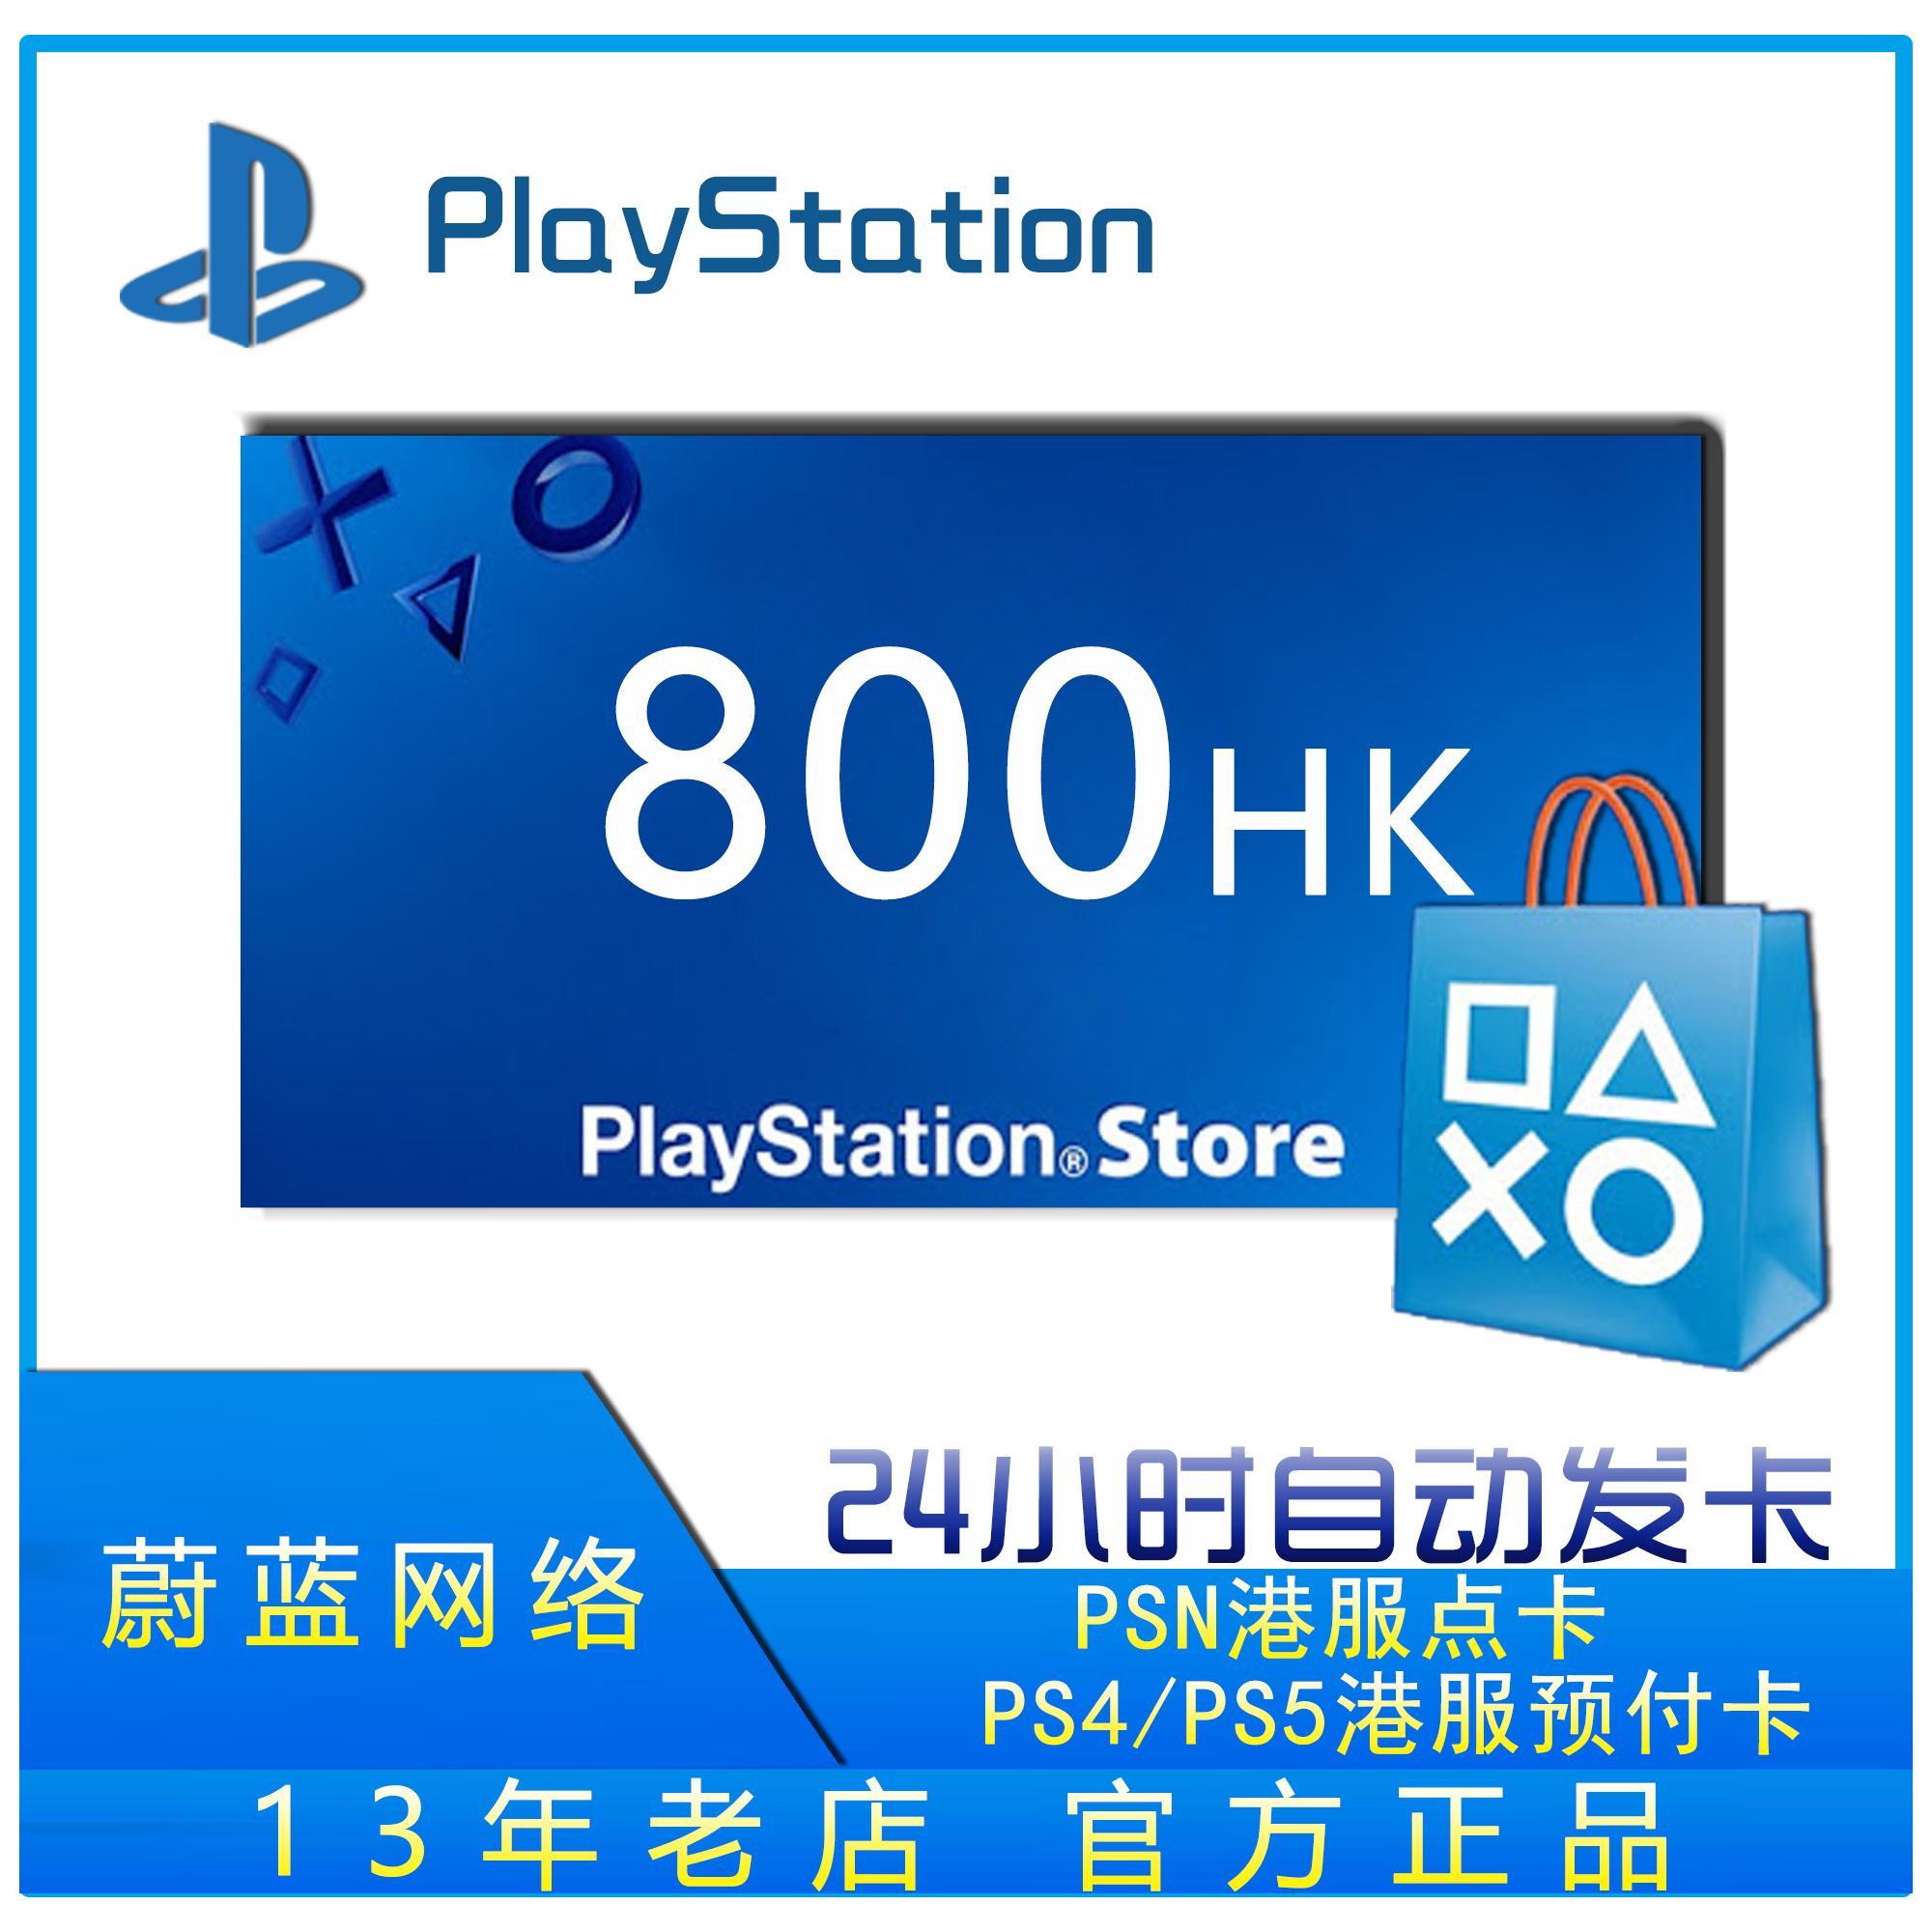 PSN港服点卡800 PS4港800 PSN 800 PS5港充值卡PS4 PS5 800预付卡